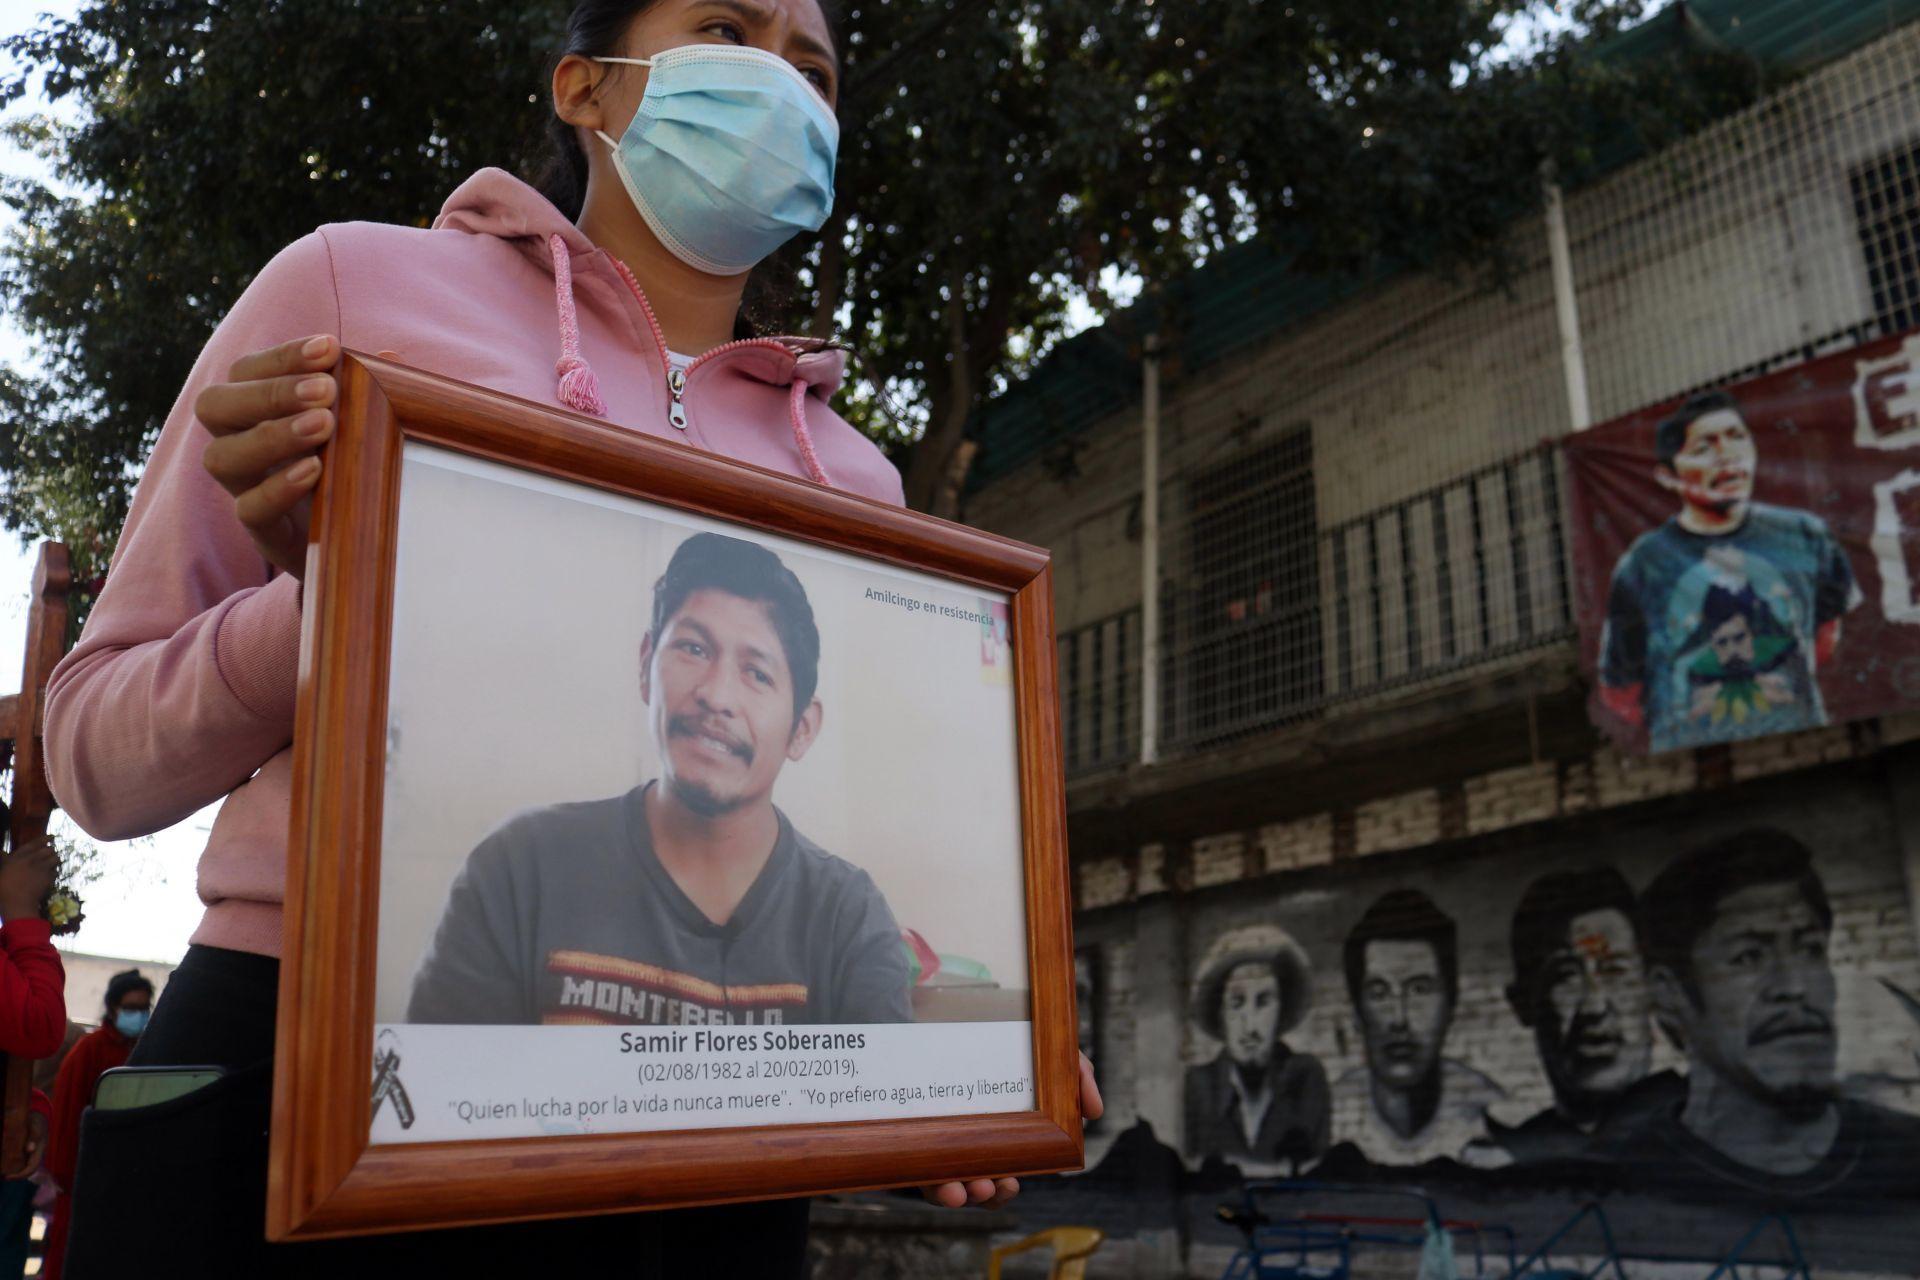 """México: 45 activistas han sido asesinados durante el gobierno de AMLO; """"hay una crisis de derechos humanos"""": Red TDT (Animal Político)"""